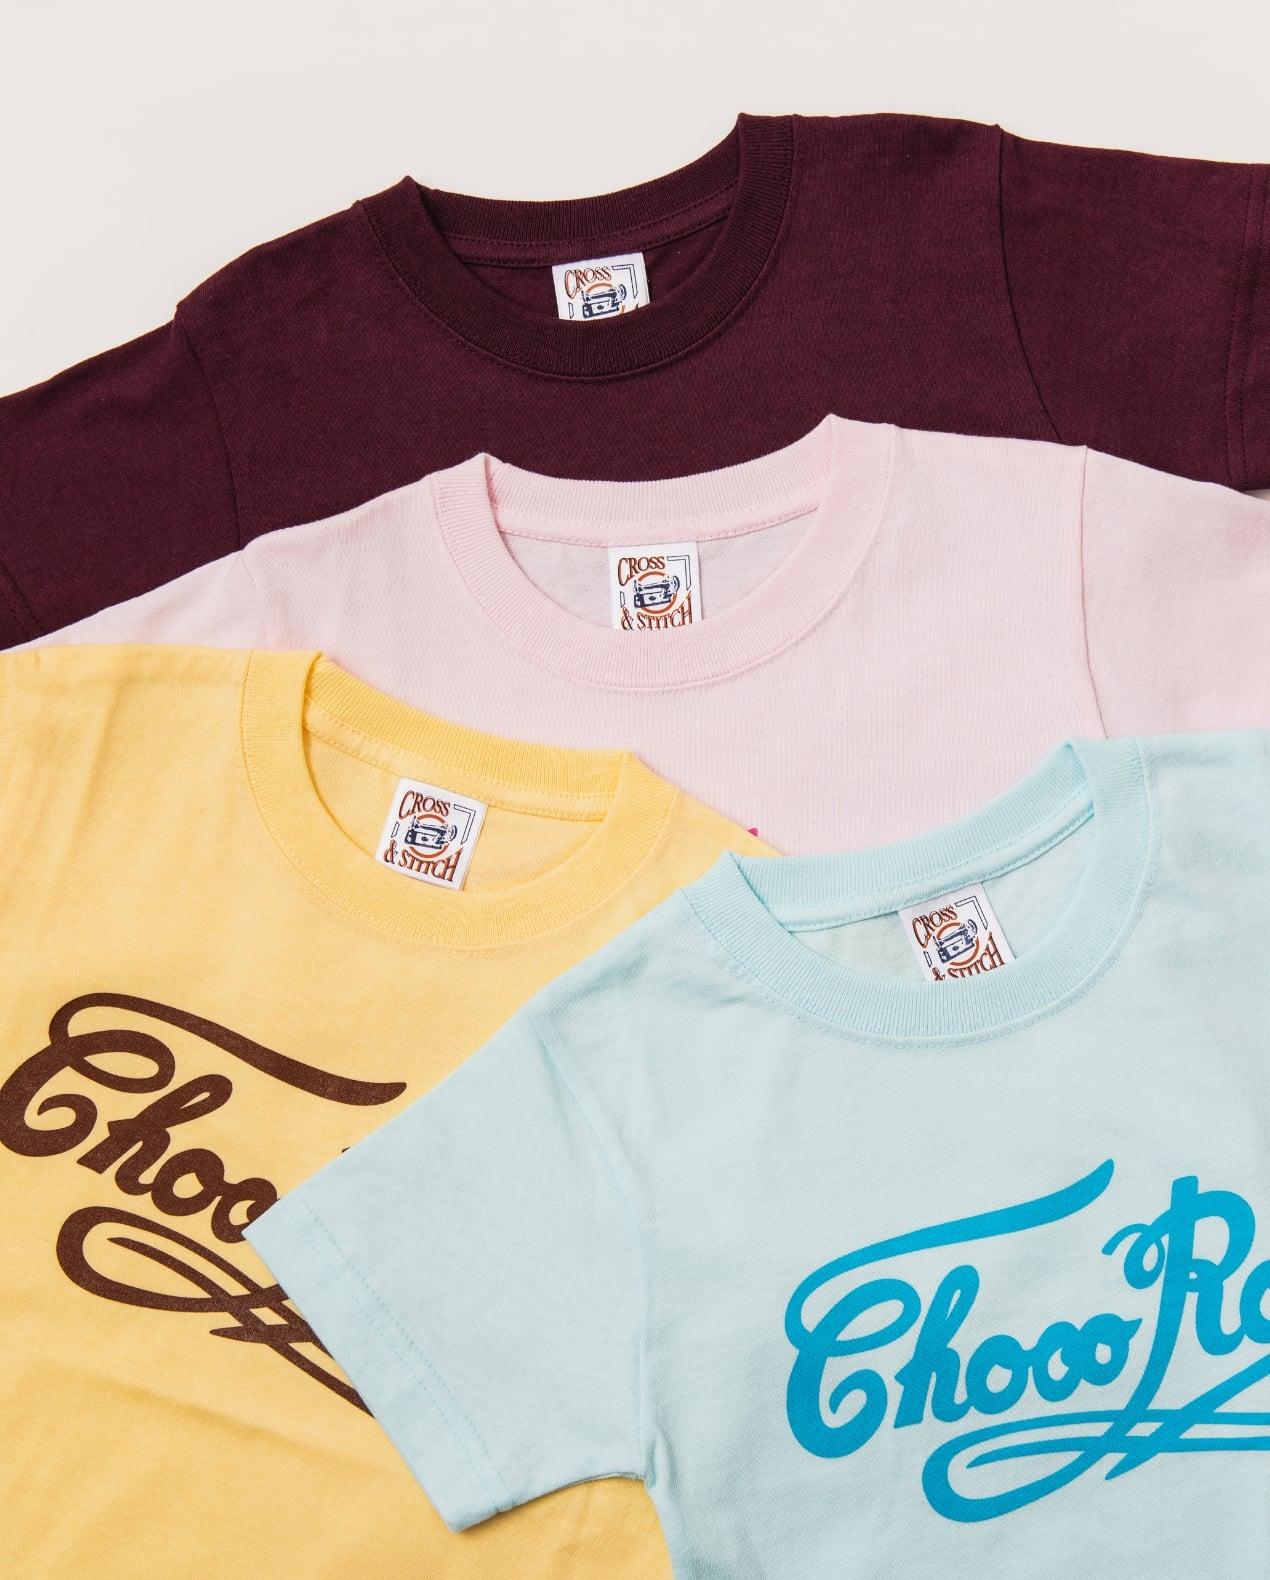 Tシャツ 大人用 水色 サイズL